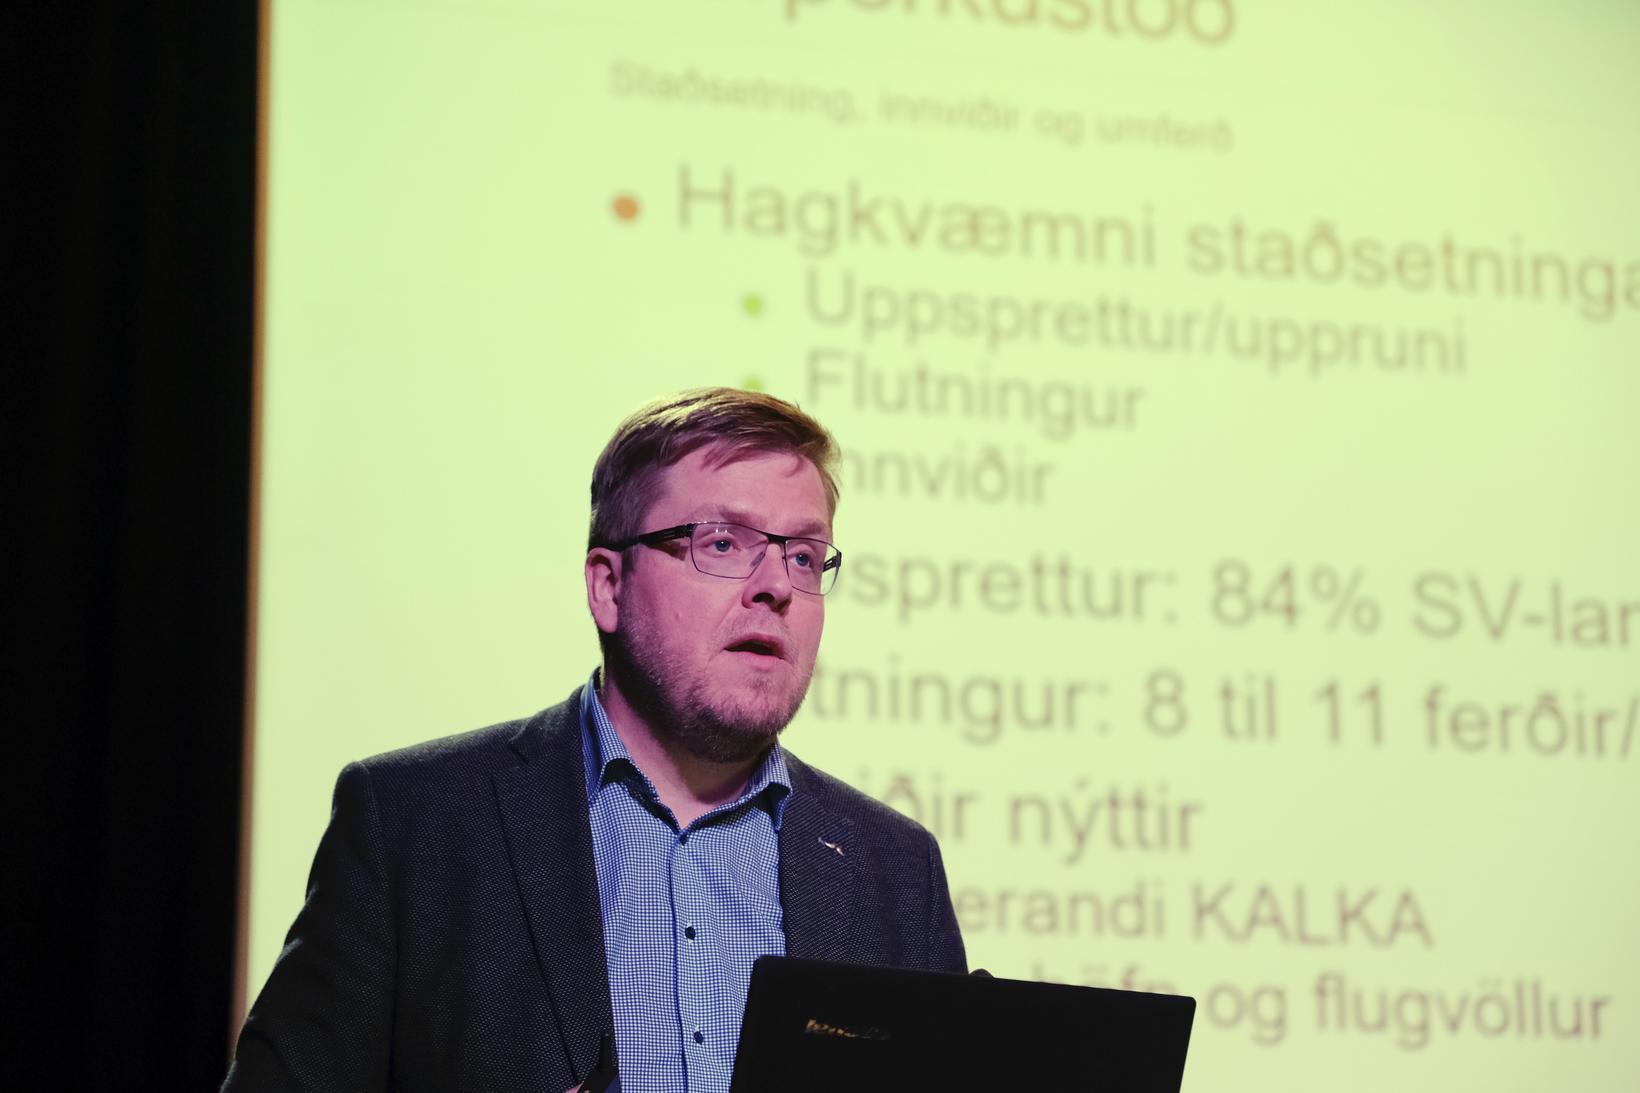 Karl Eðvaldsson kynnti hugmynd um sorporkustöð á kynningarfundi um sjálfbæra …